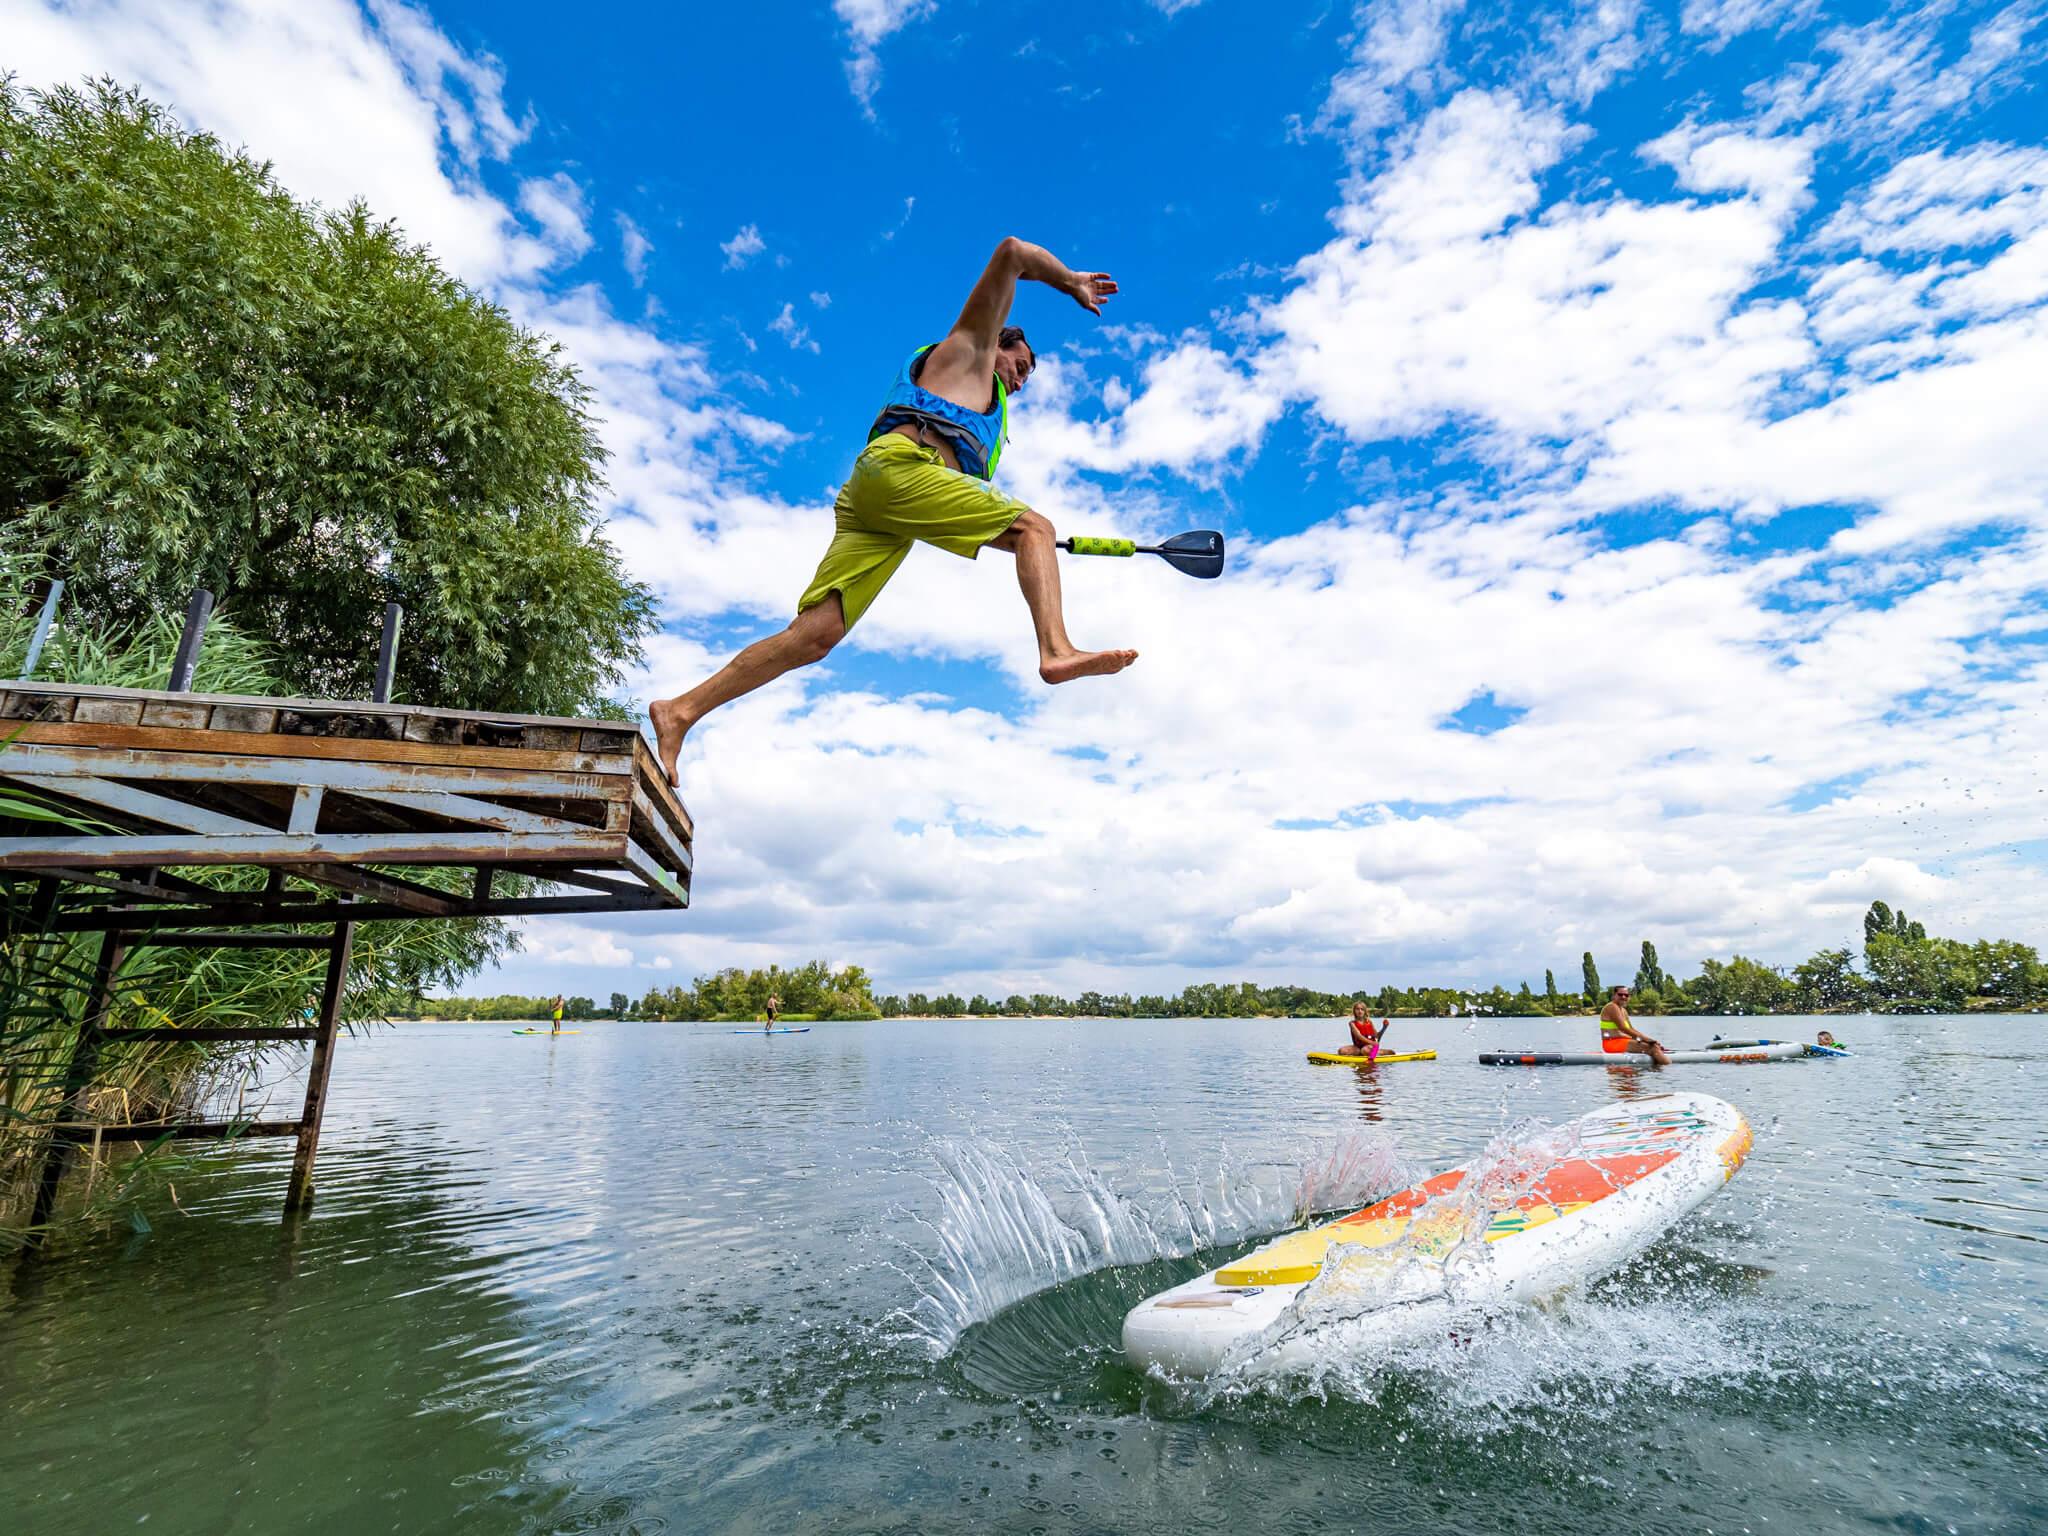 neonmars-testcentrum-pozicovna-paddleboardov